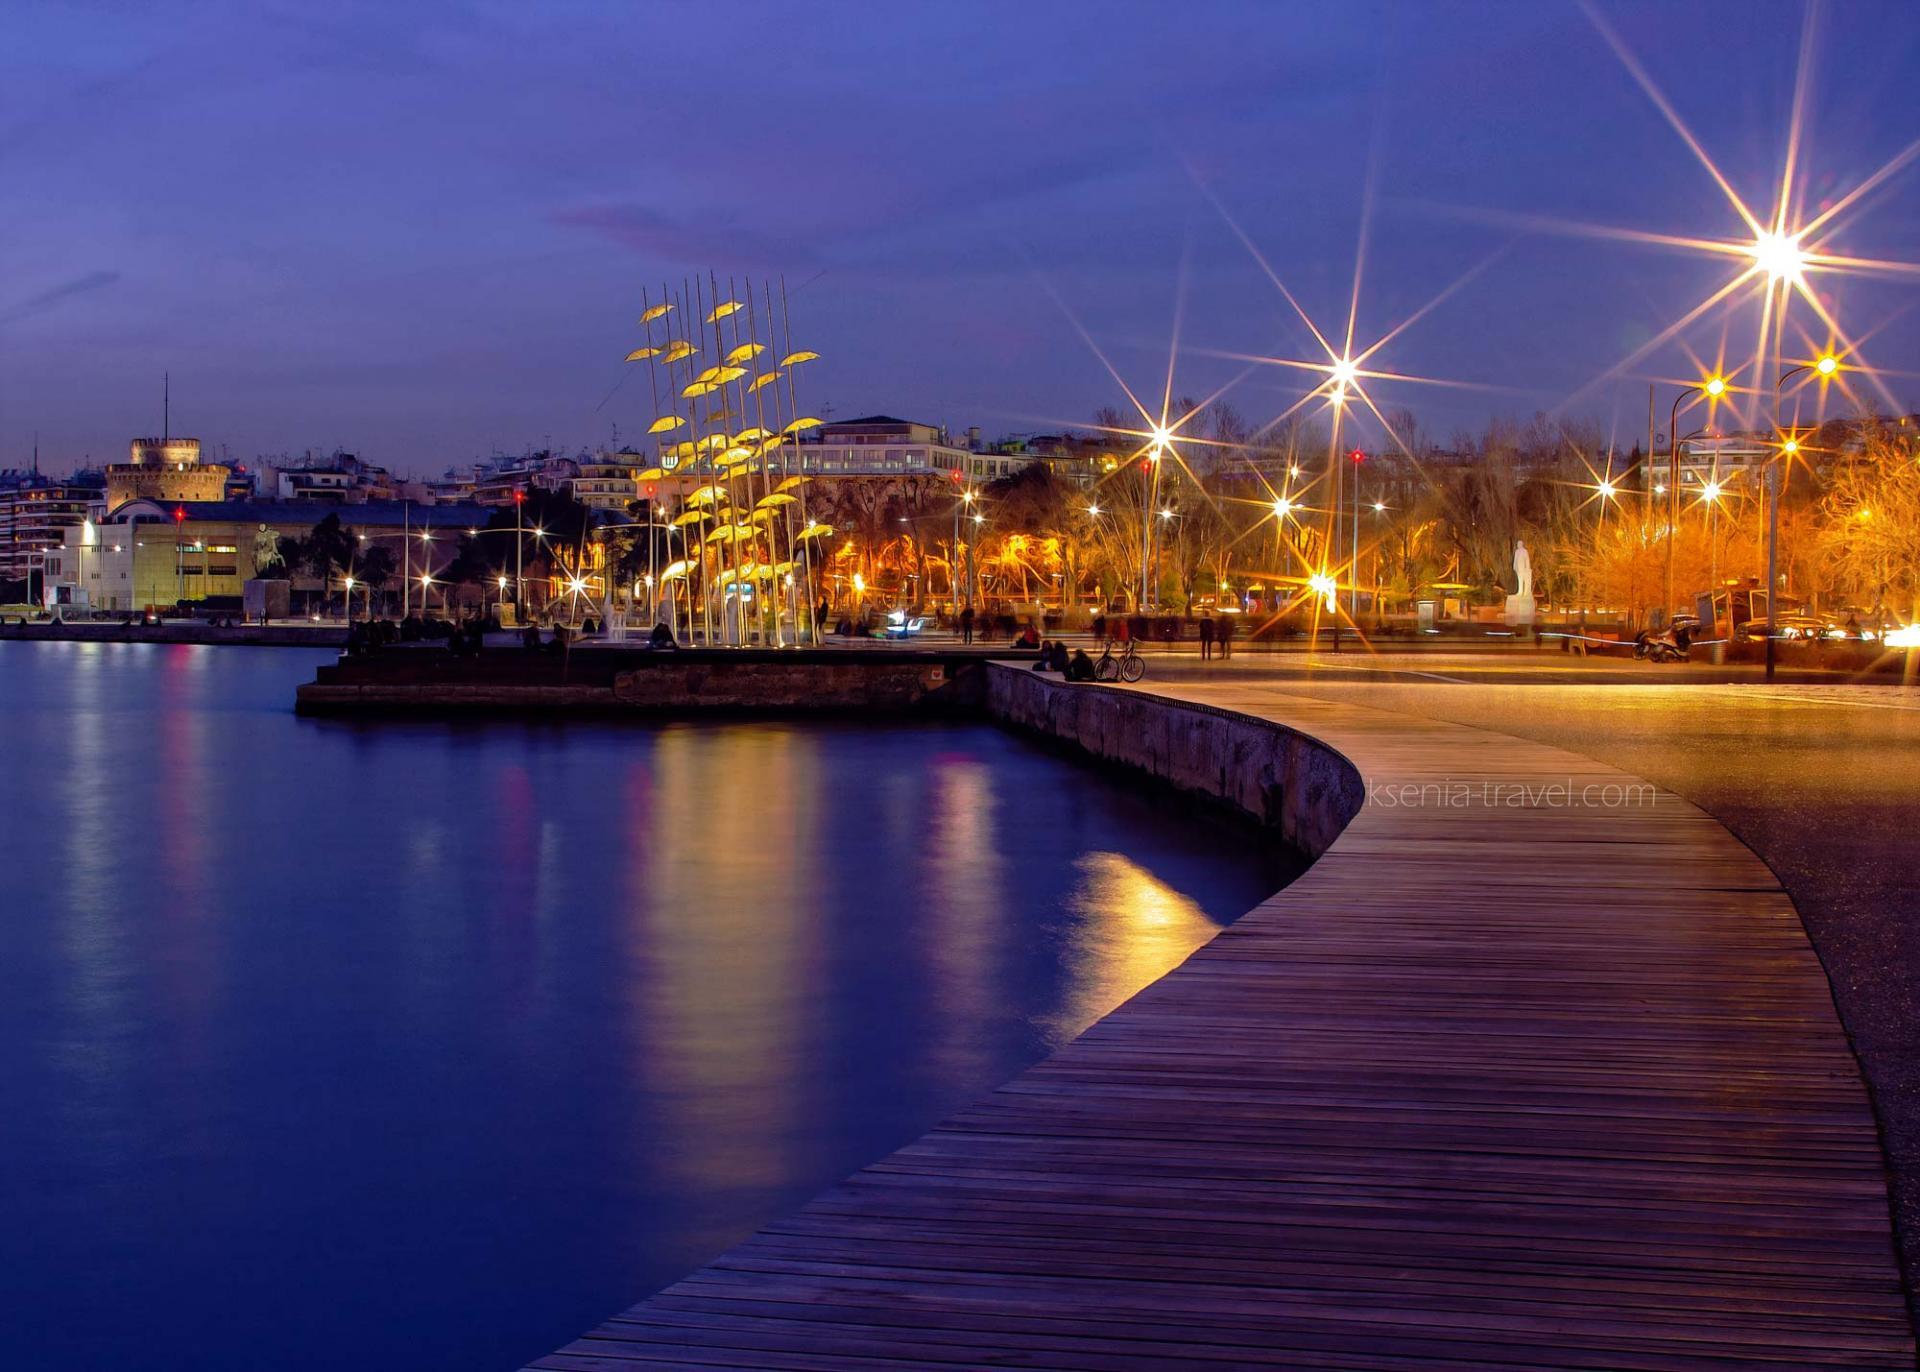 ночные Салоники, экскурсии по Салоникам, композиция Зонтики на набережной